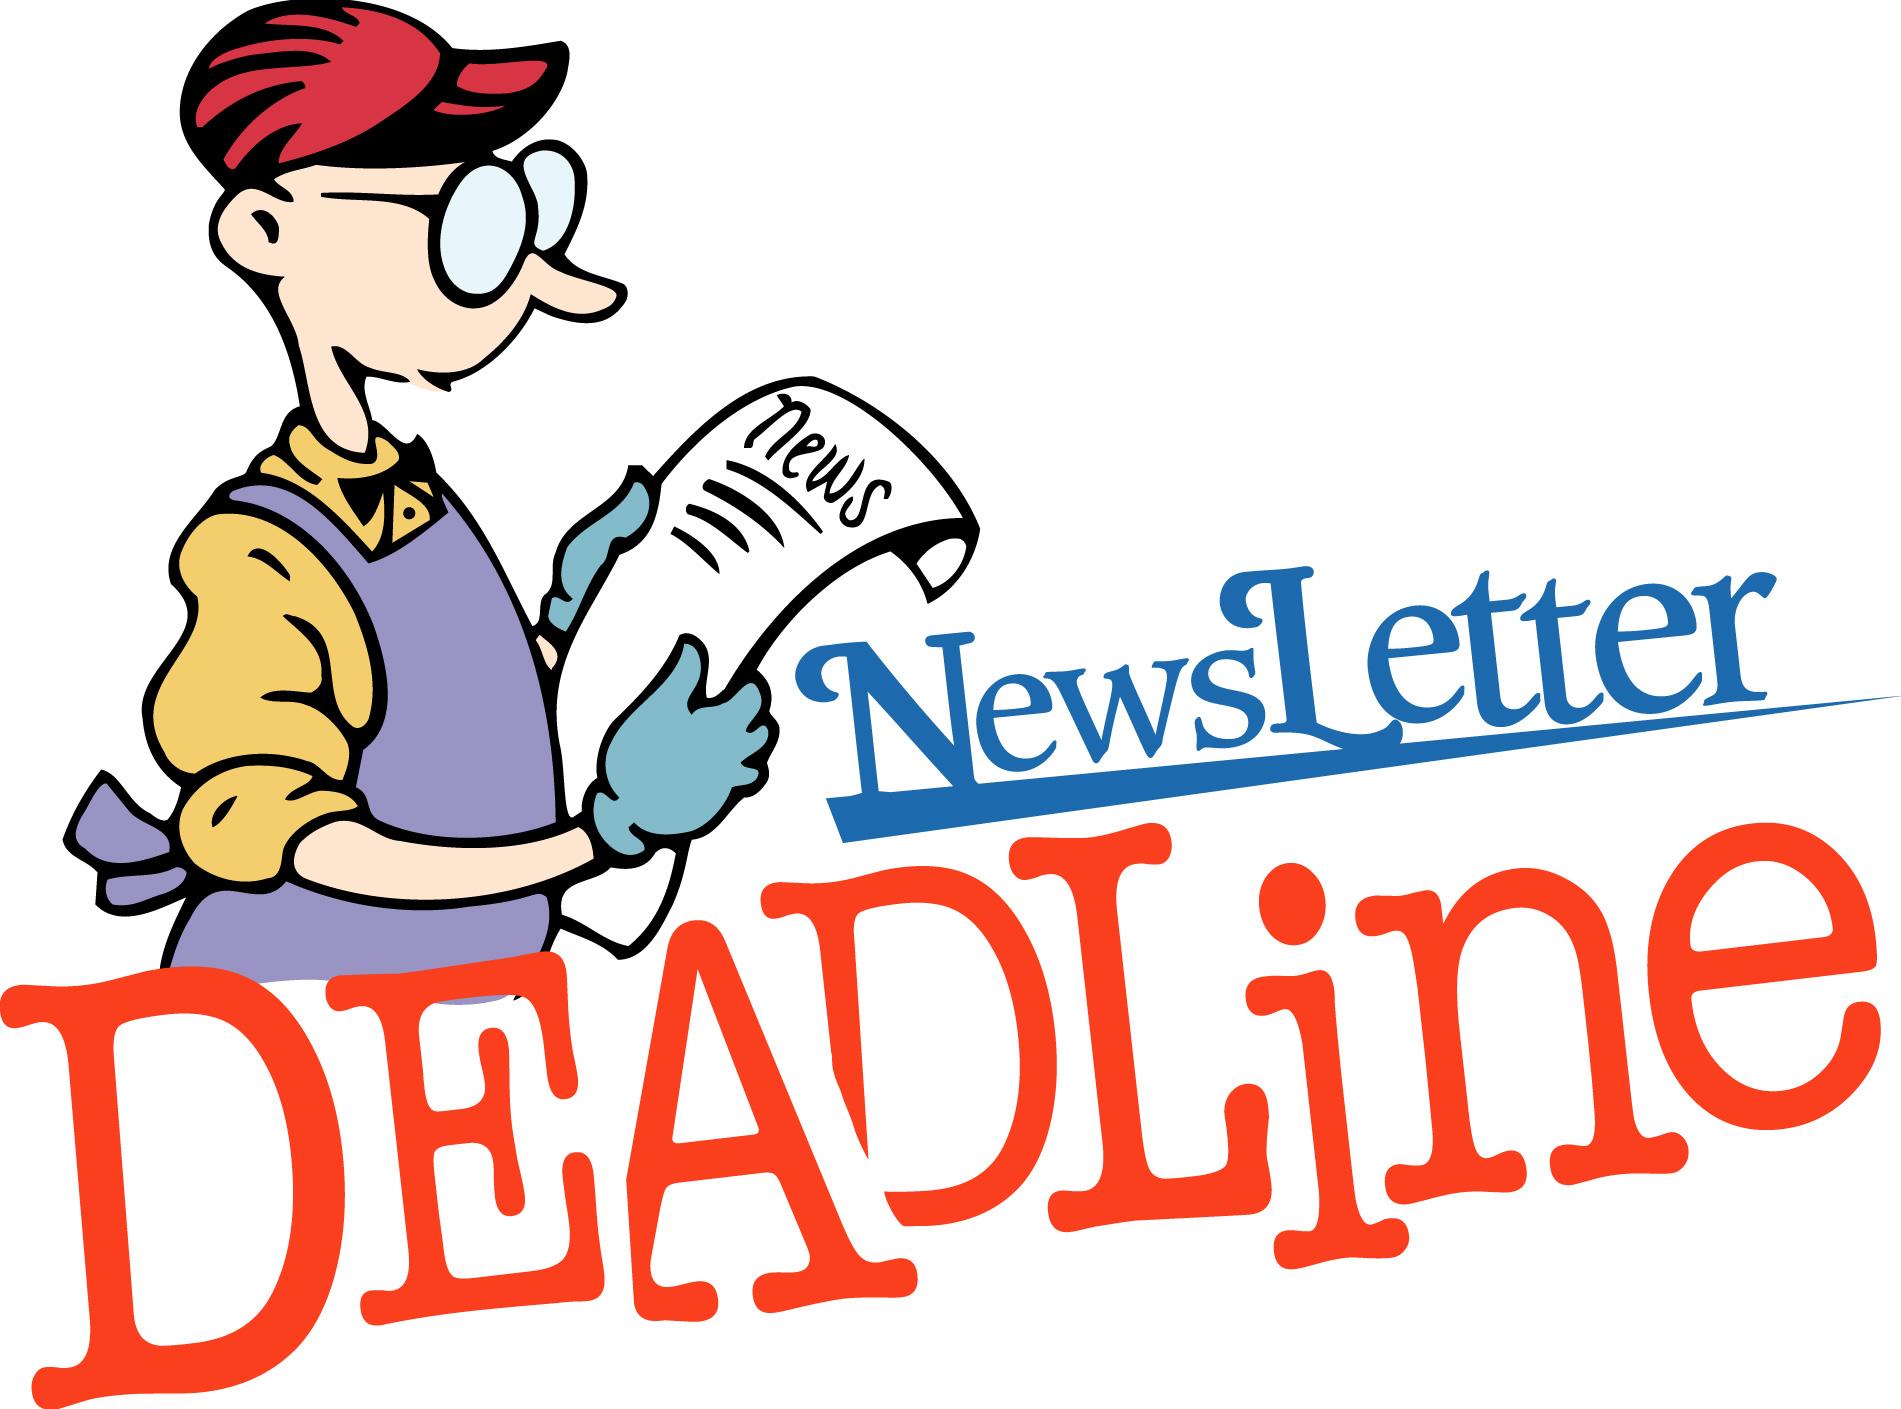 Newsletter deadline clipart clipartfest 2.